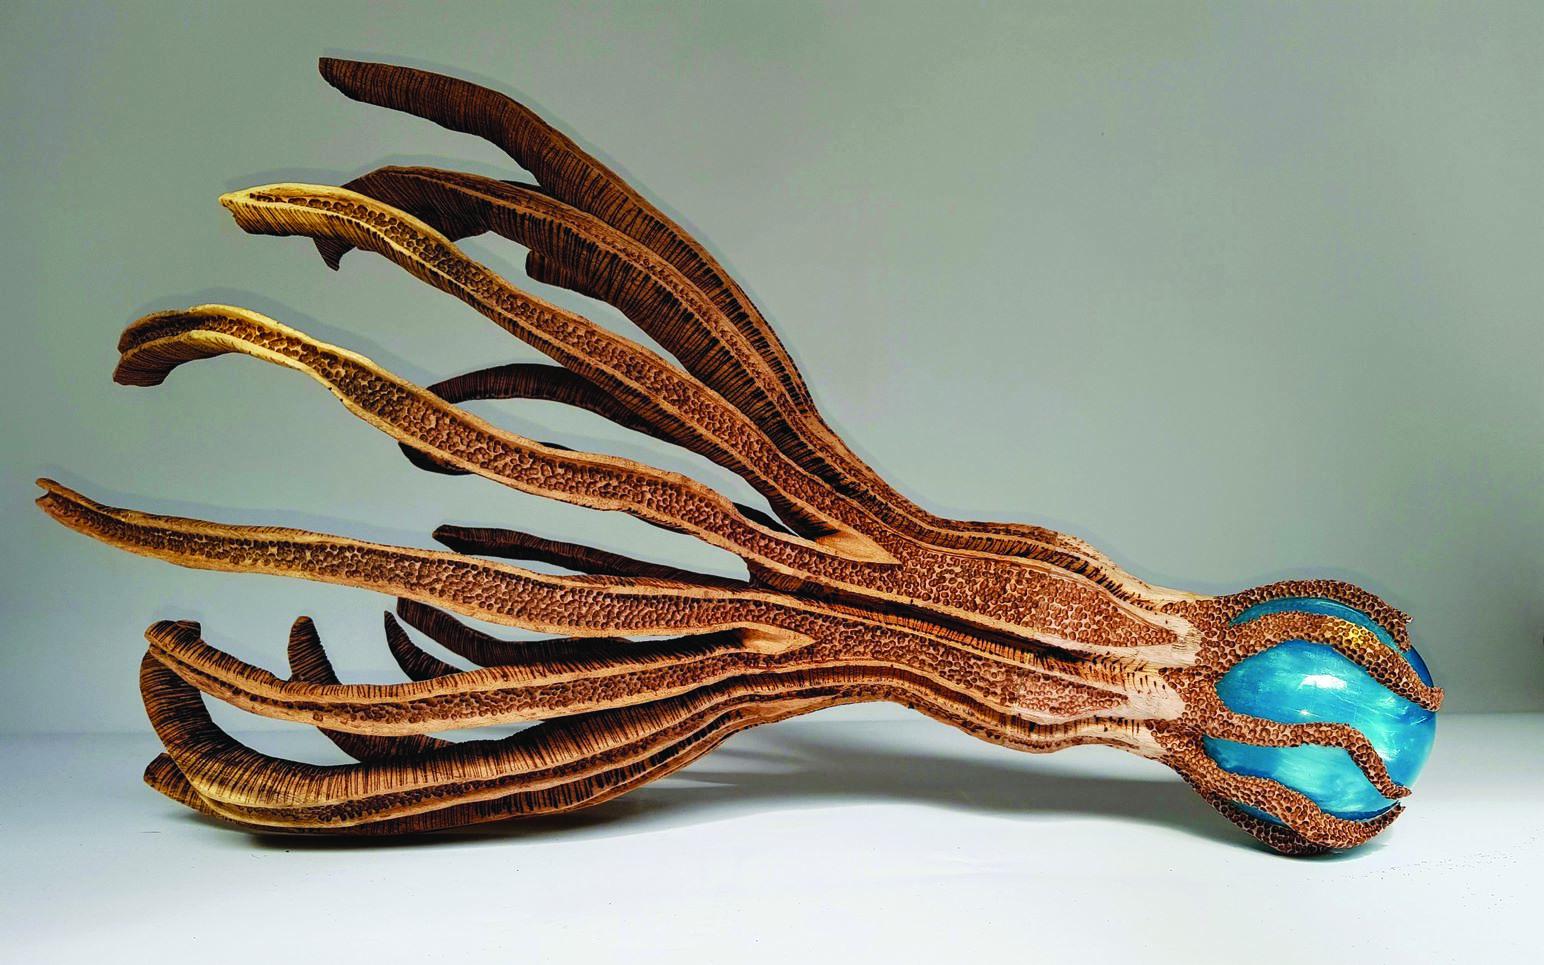 יצירתו של אלישע רובינף בהשראת עולם המים